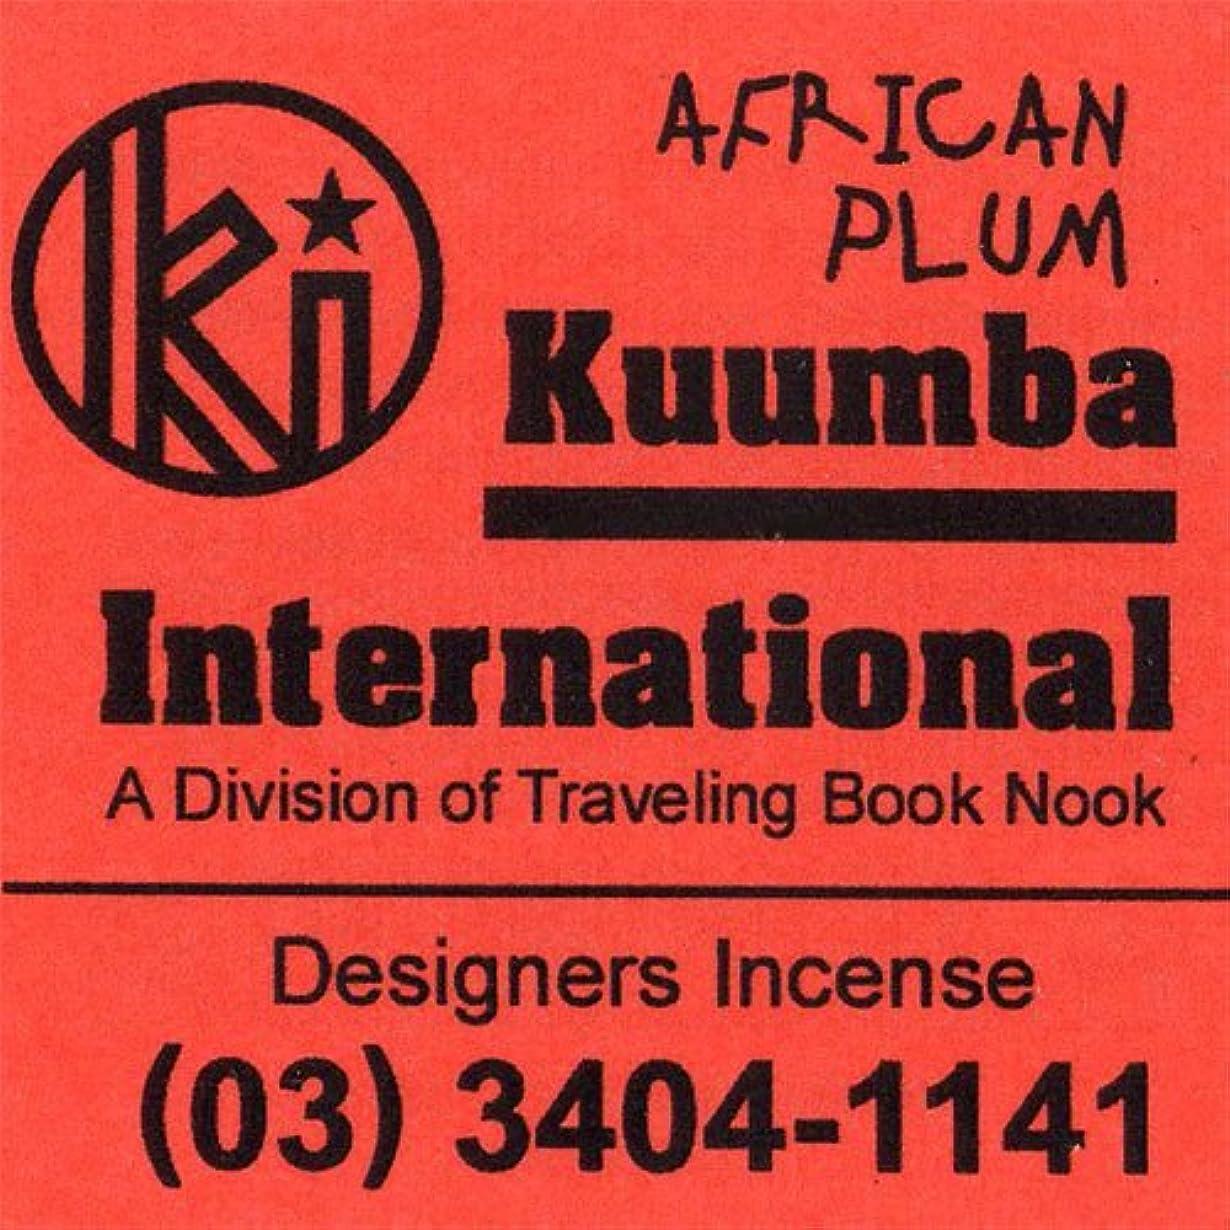 裸シェトランド諸島荒れ地KUUMBA / クンバ『incense』(AFRICAN PLUM) (Regular size)